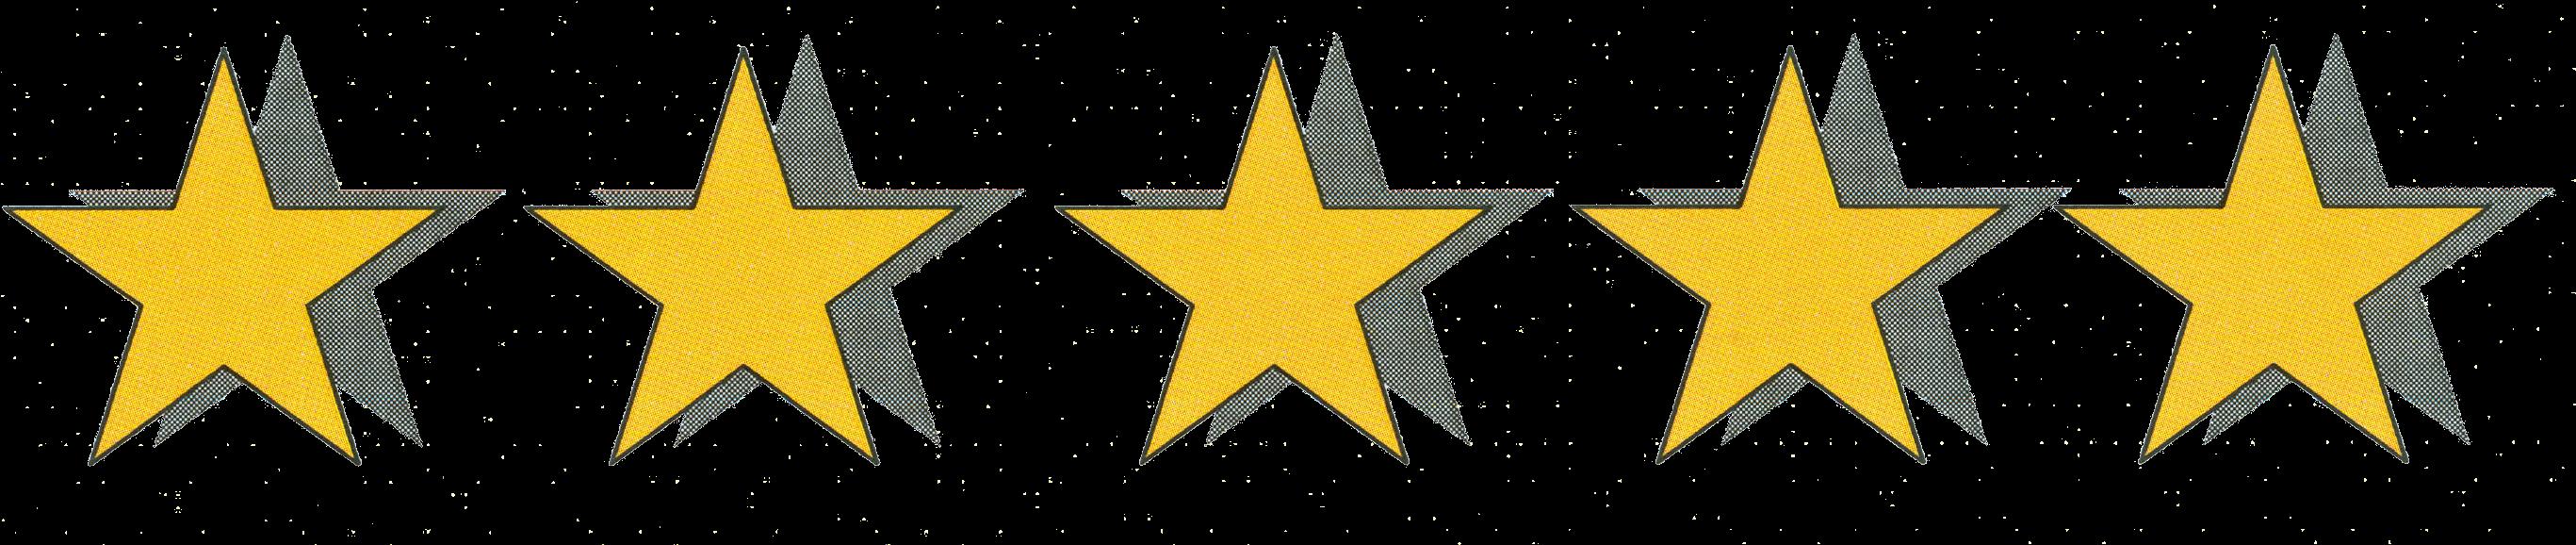 stjerner 5